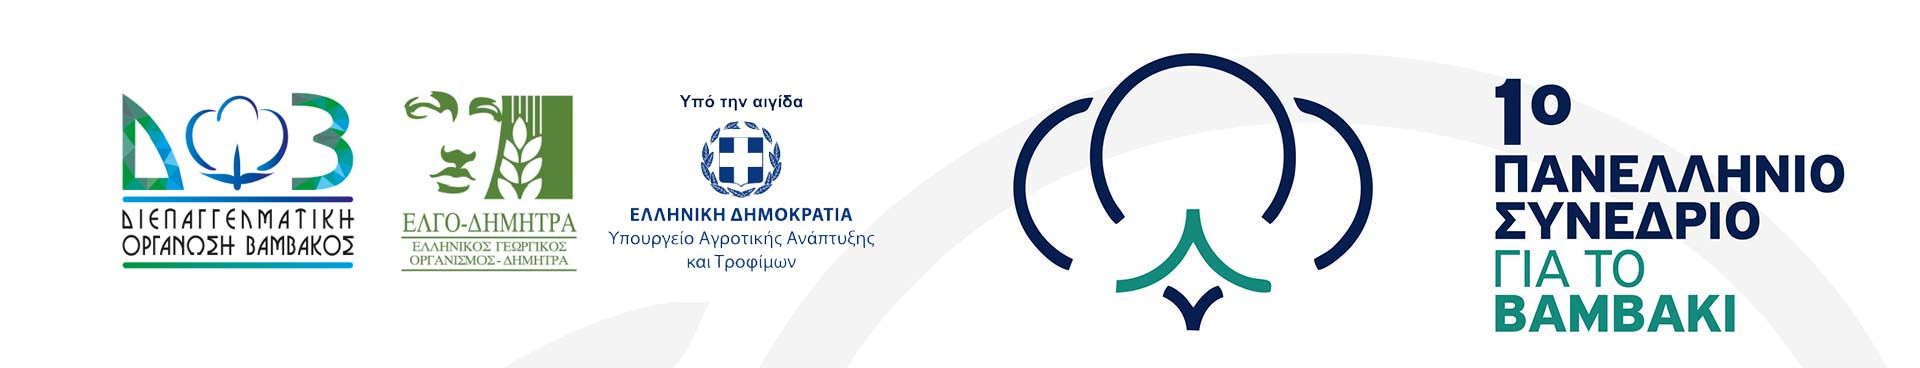 1ο συνέδριο ελληνικου βάμβακος